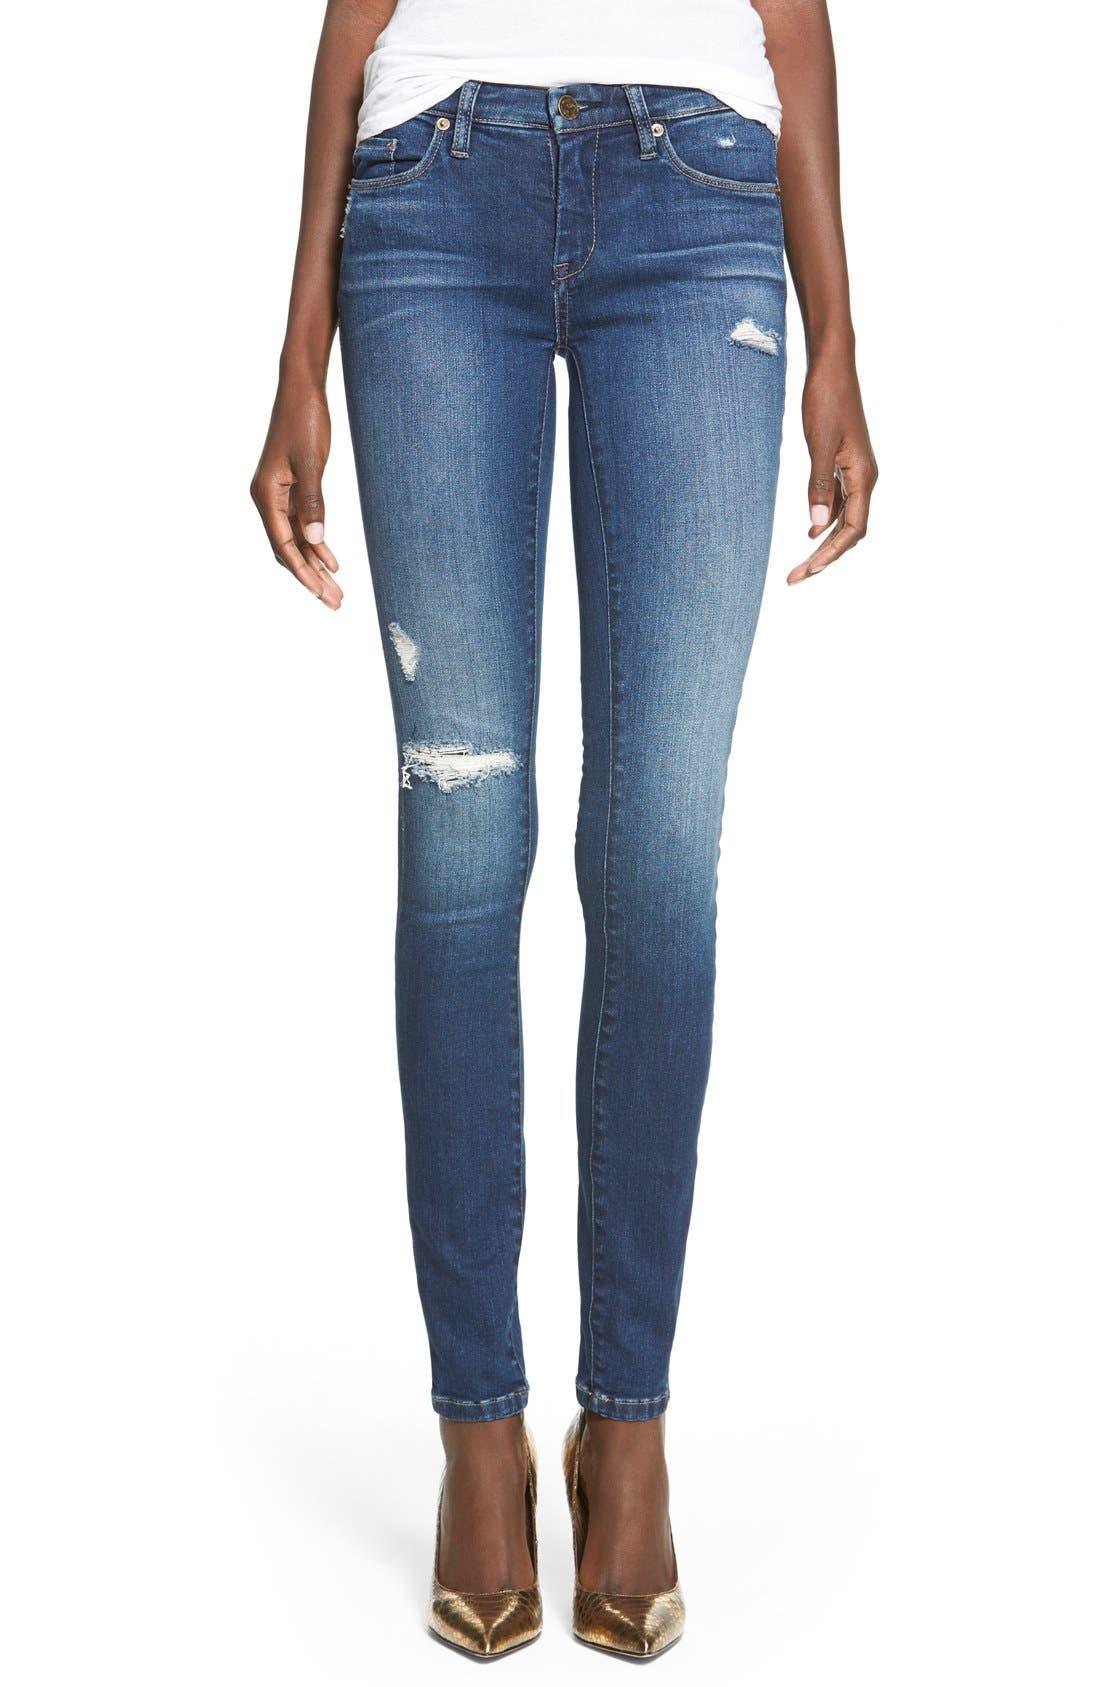 Alternate Image 1 Selected - BLANKNYC'Hotel' Distressed Skinny Jeans (Blue)